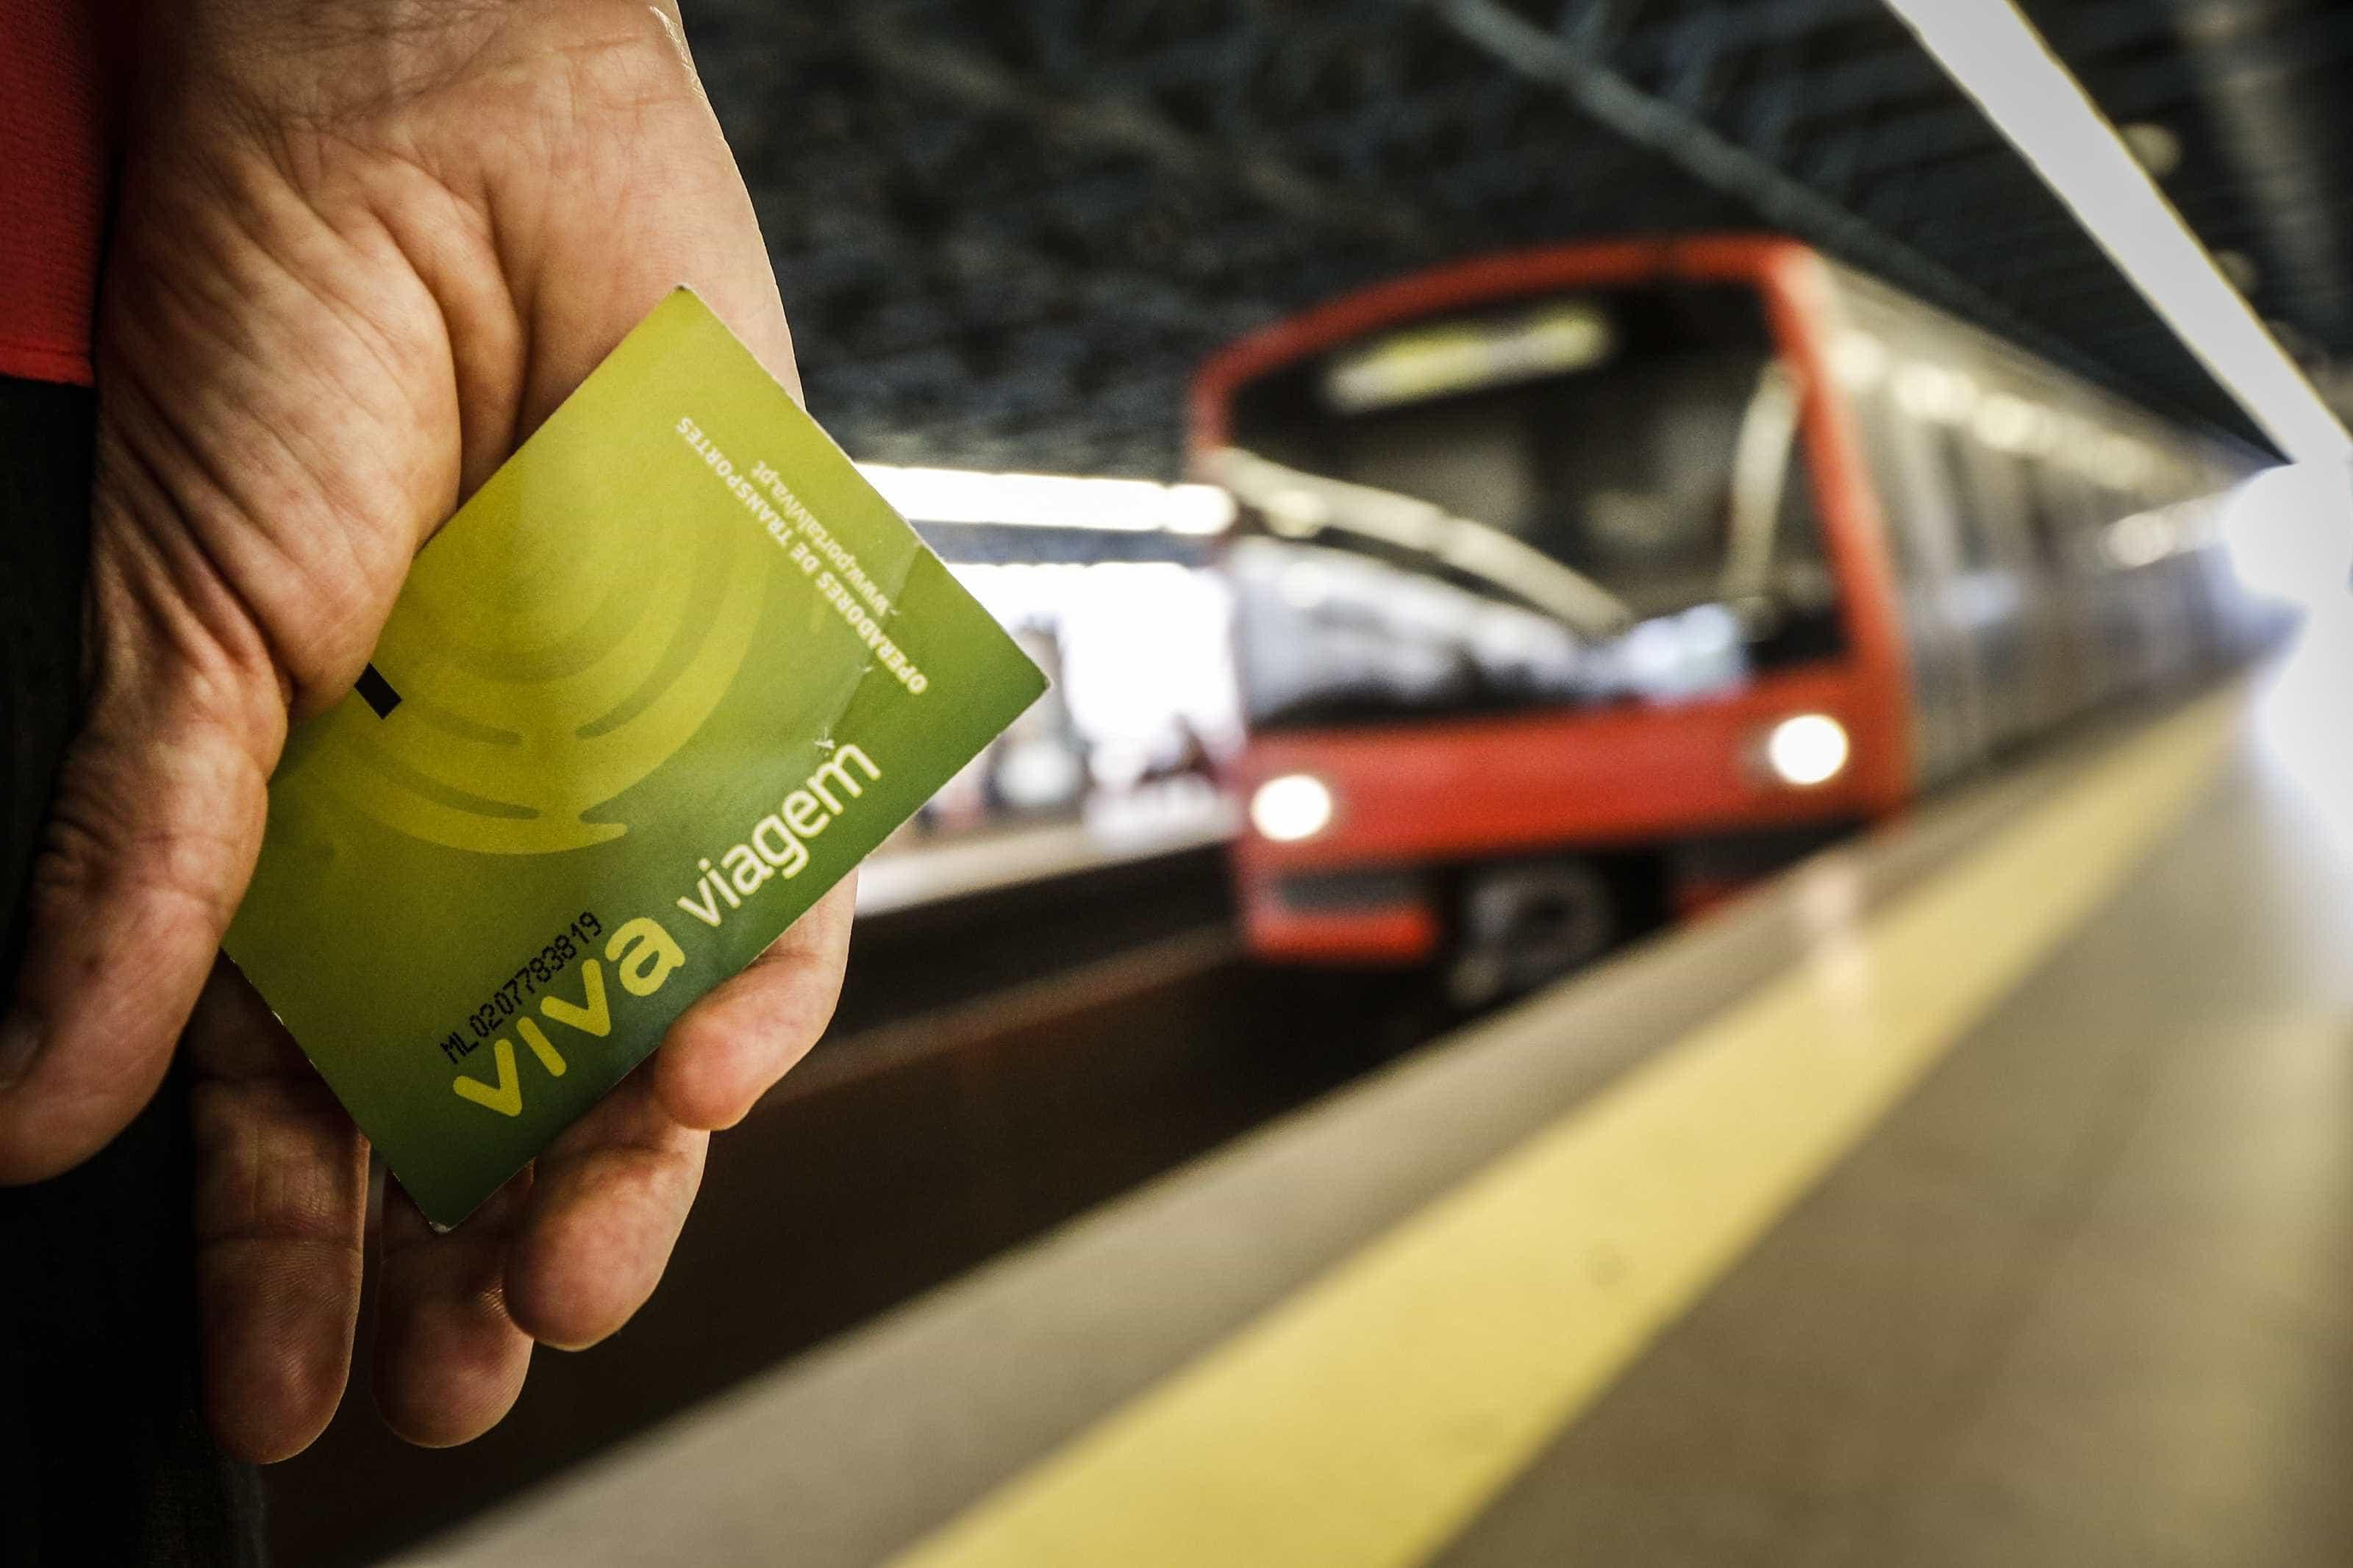 Concurso para novas estações no Metro de Lisboa lançado hoje